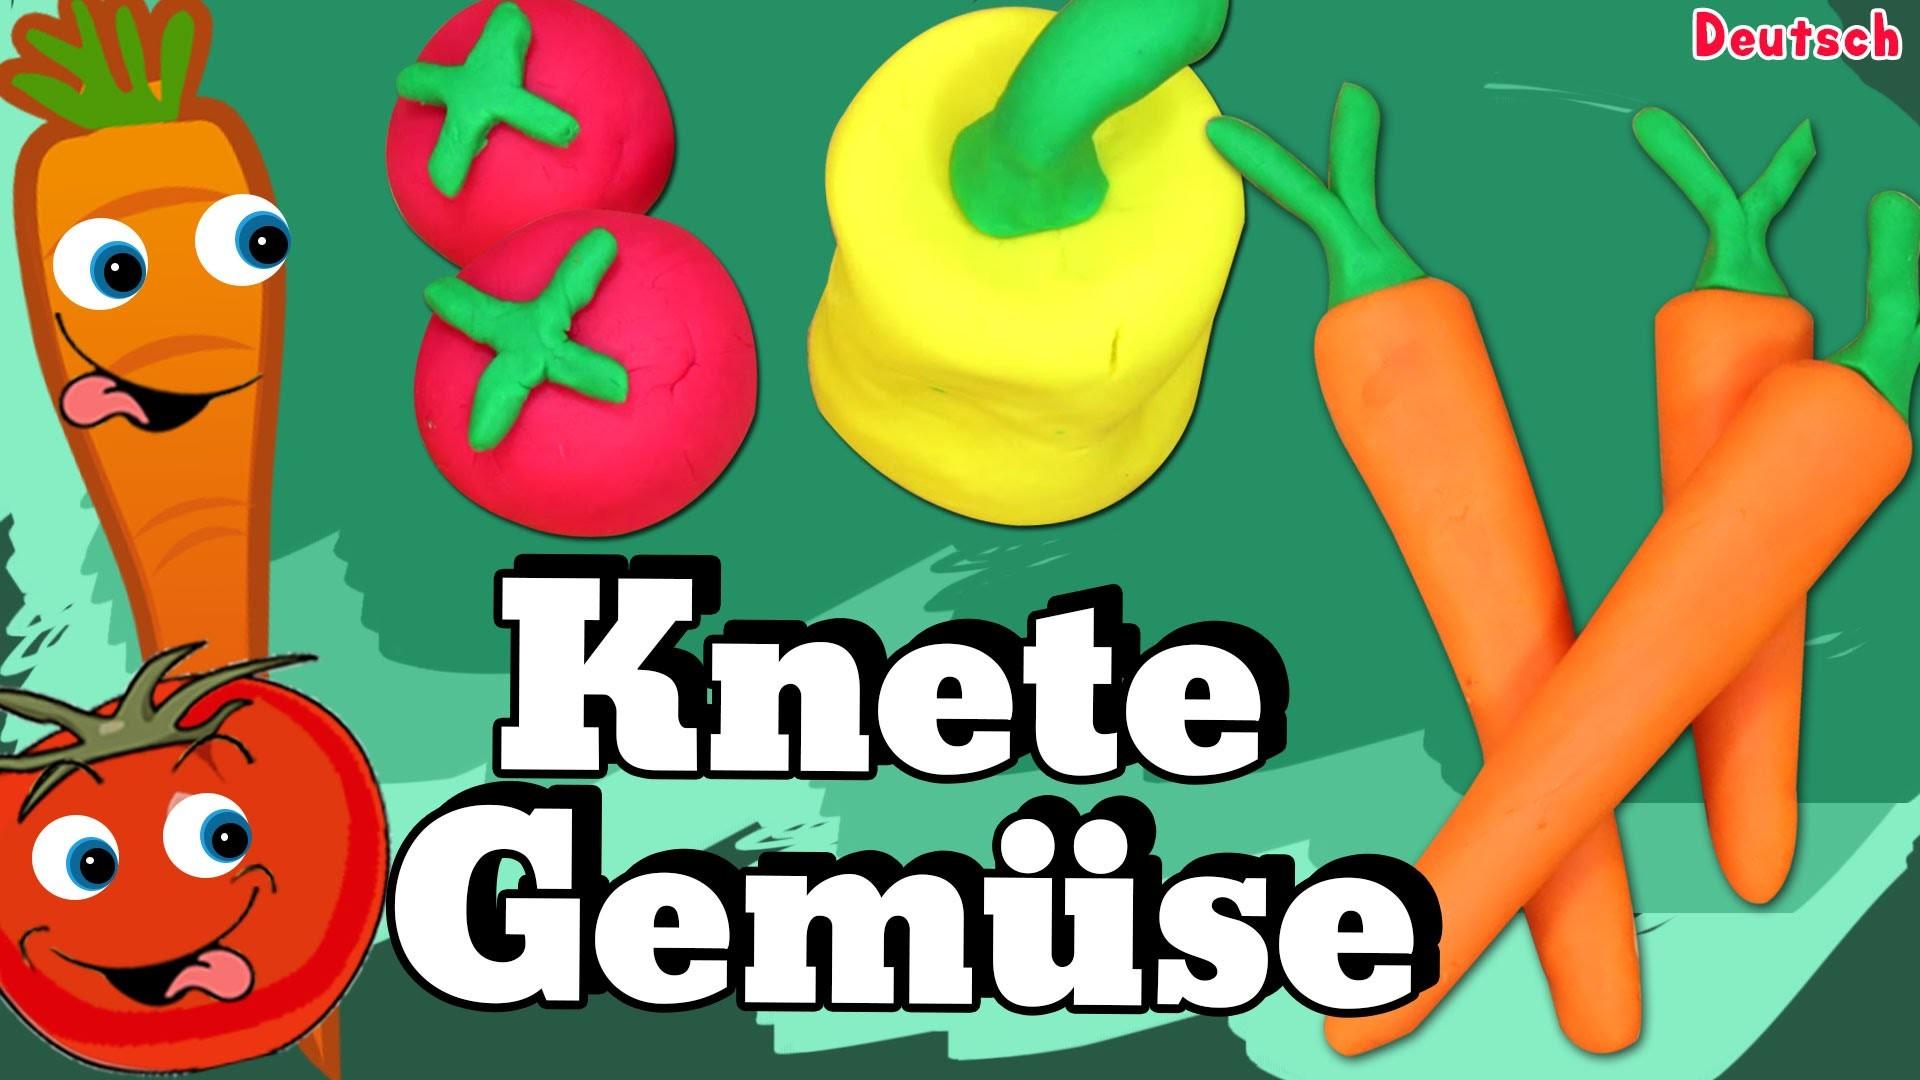 German DIY Einfach: How To Play Doh Vegetables | Lernen Knete Gemüse Deutsch